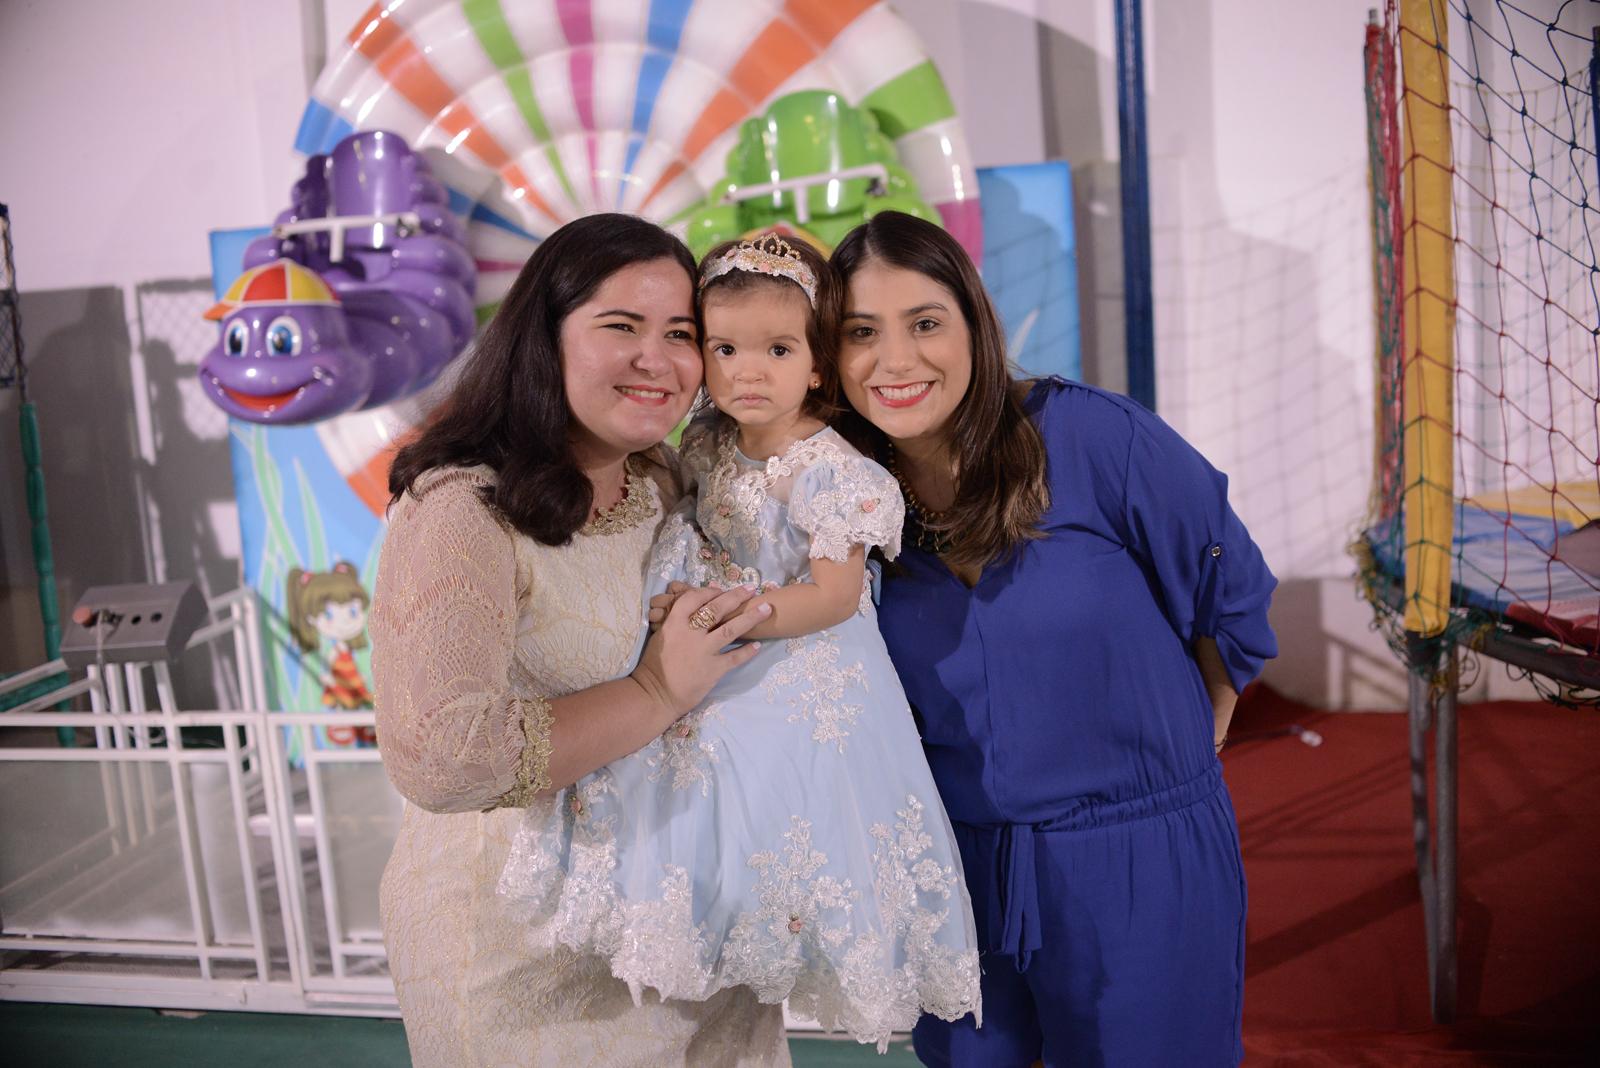 Liduina Figueiredo, Emanuela Figueiredo e Nathália Teixeira (1)